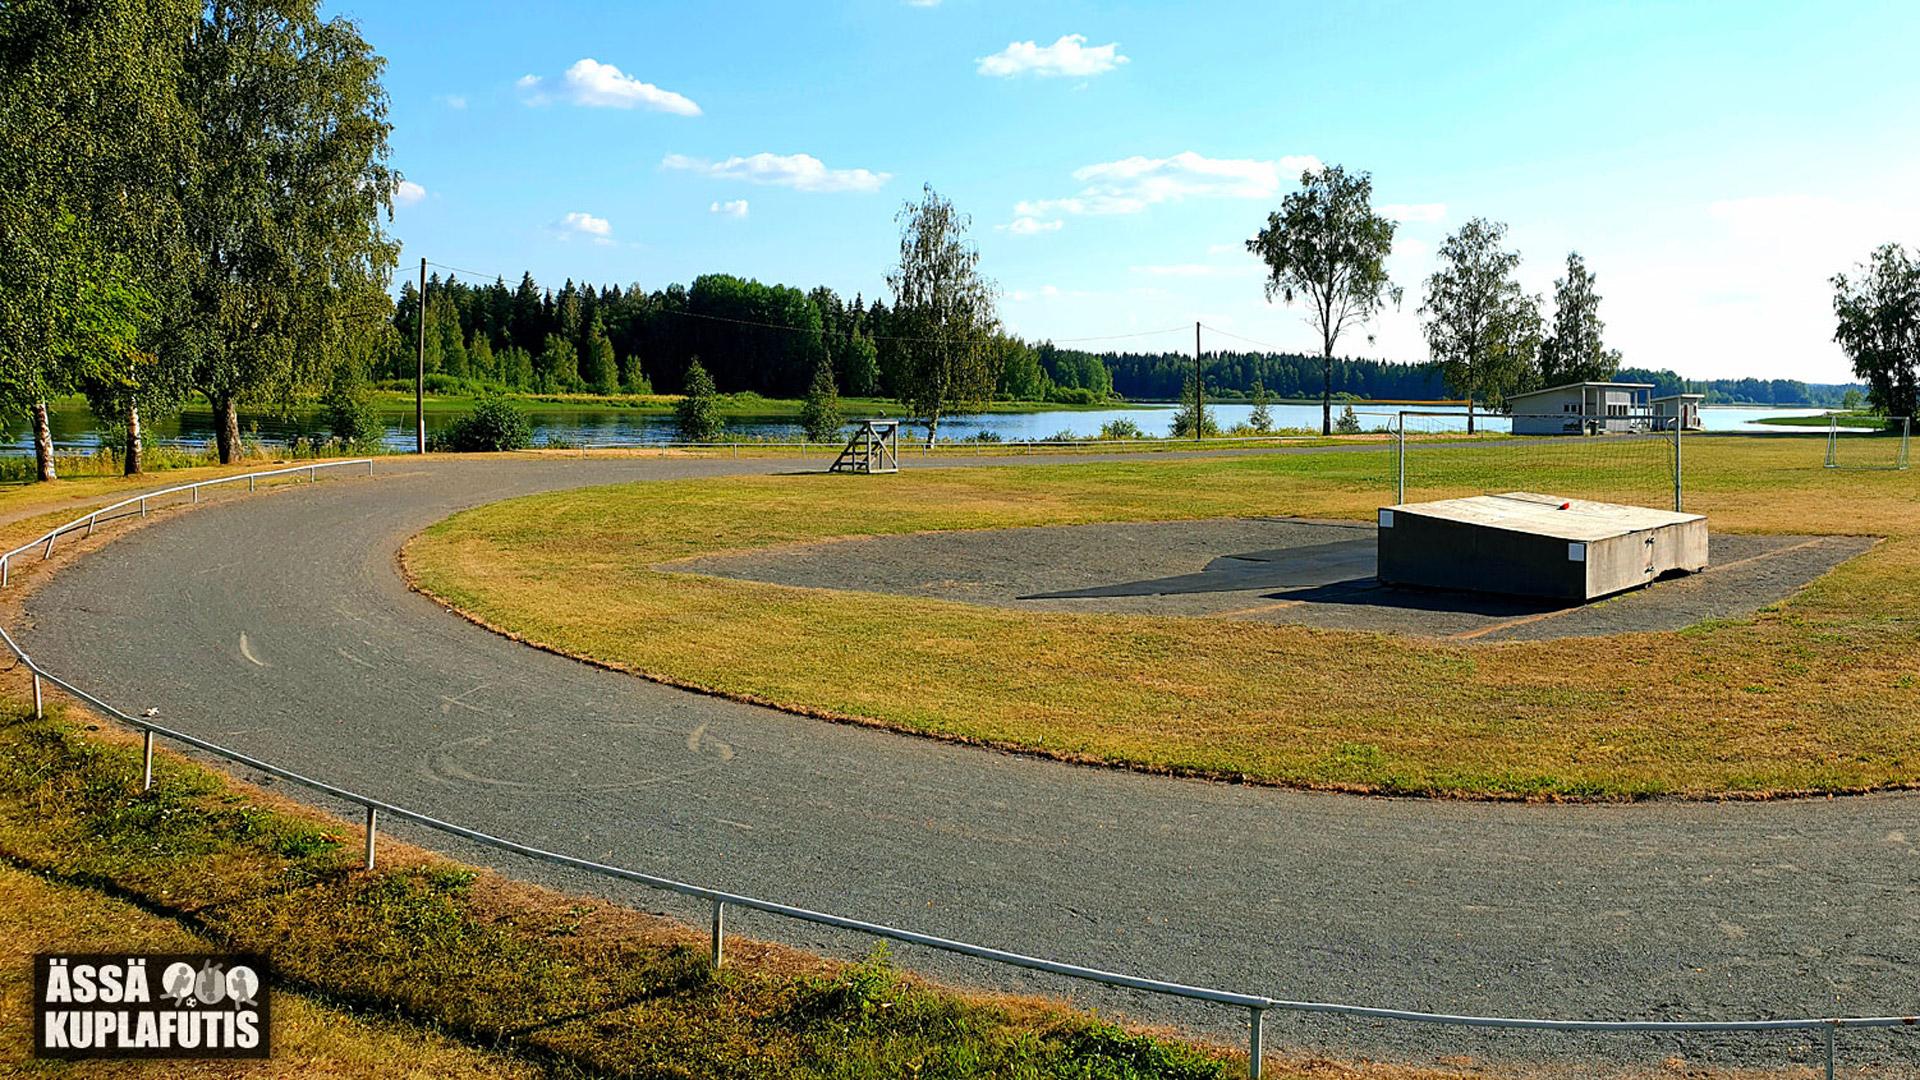 Ässä Kisailut Jämijärven Urheilukenttä